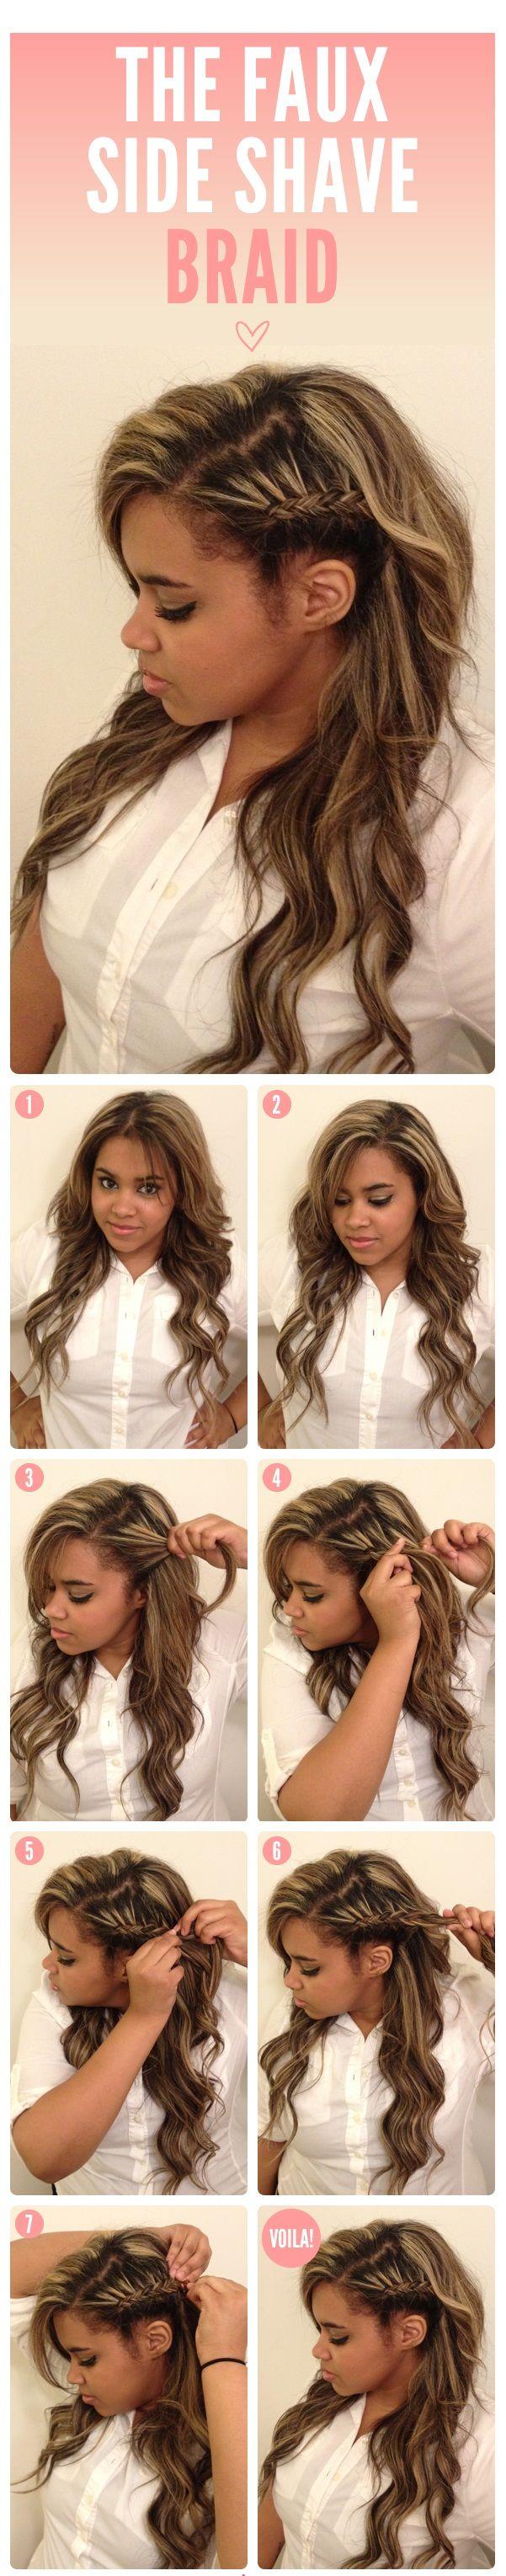 Fine 1000 Ideas About Side Braid Tutorial On Pinterest Side Braids Short Hairstyles Gunalazisus